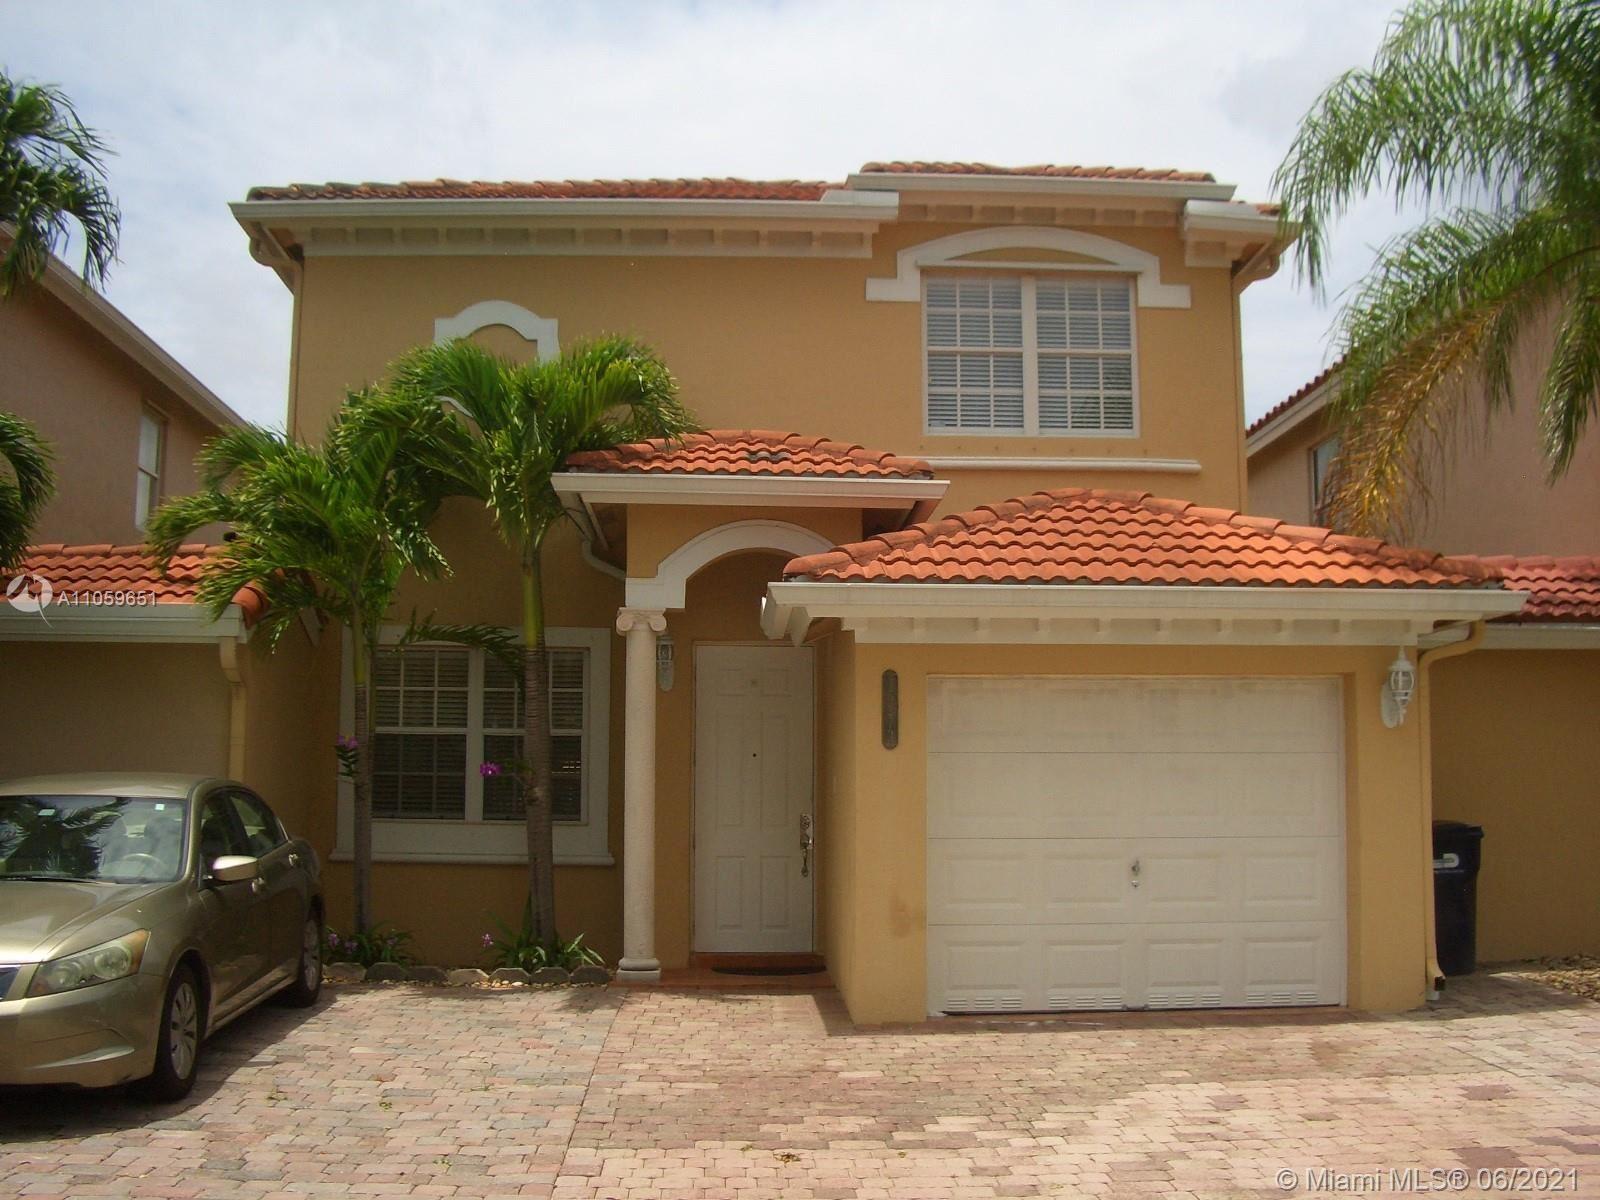 15273 SW 24th St, Miami, FL 33185 - #: A11059651